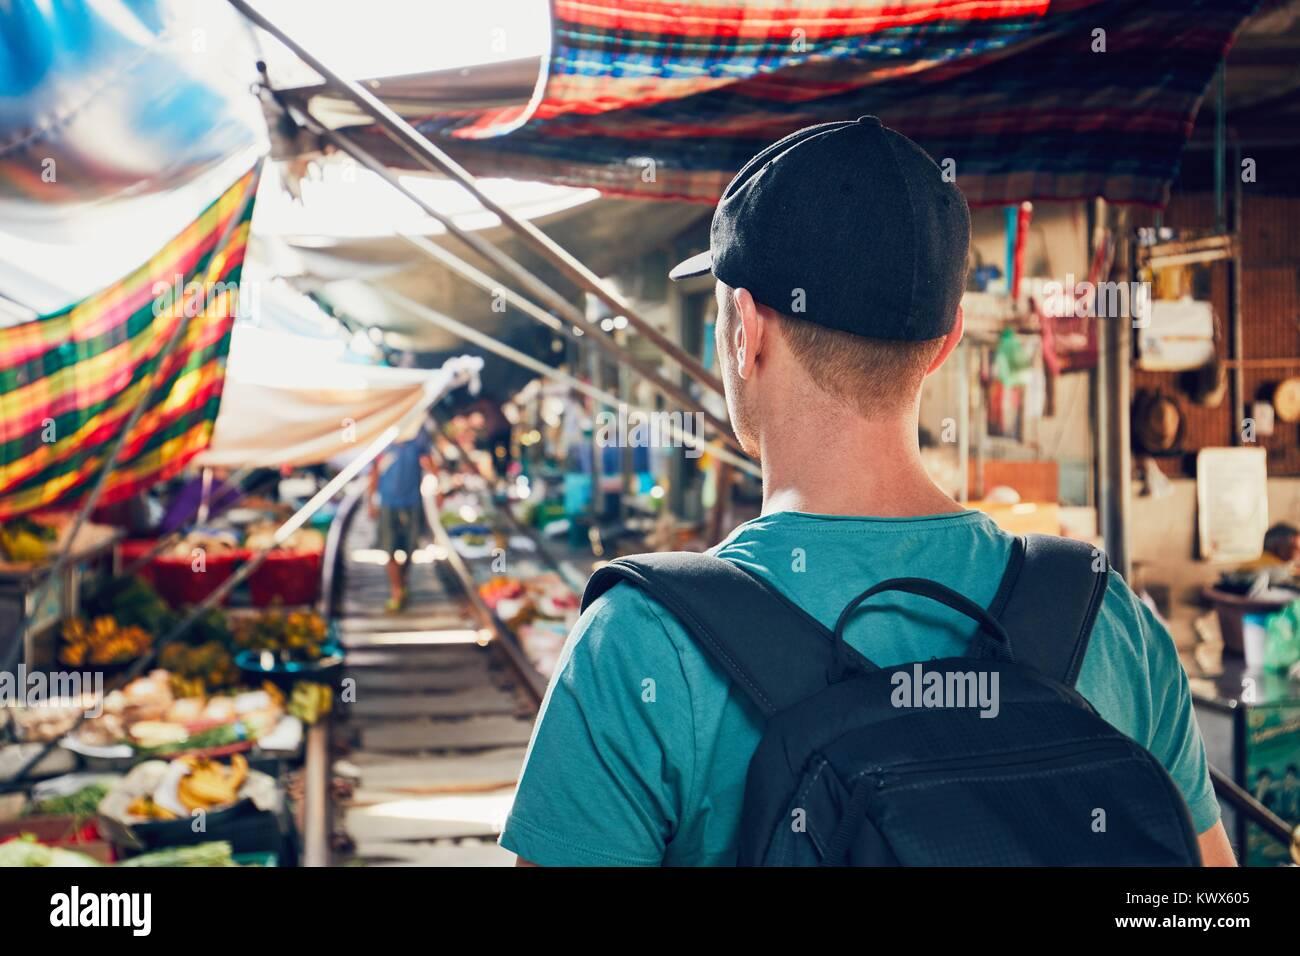 Joven (turista) caminando hacia el mercado abierto a lo largo de la vía férrea. Ferroviaria Maeklong mercado Imagen De Stock